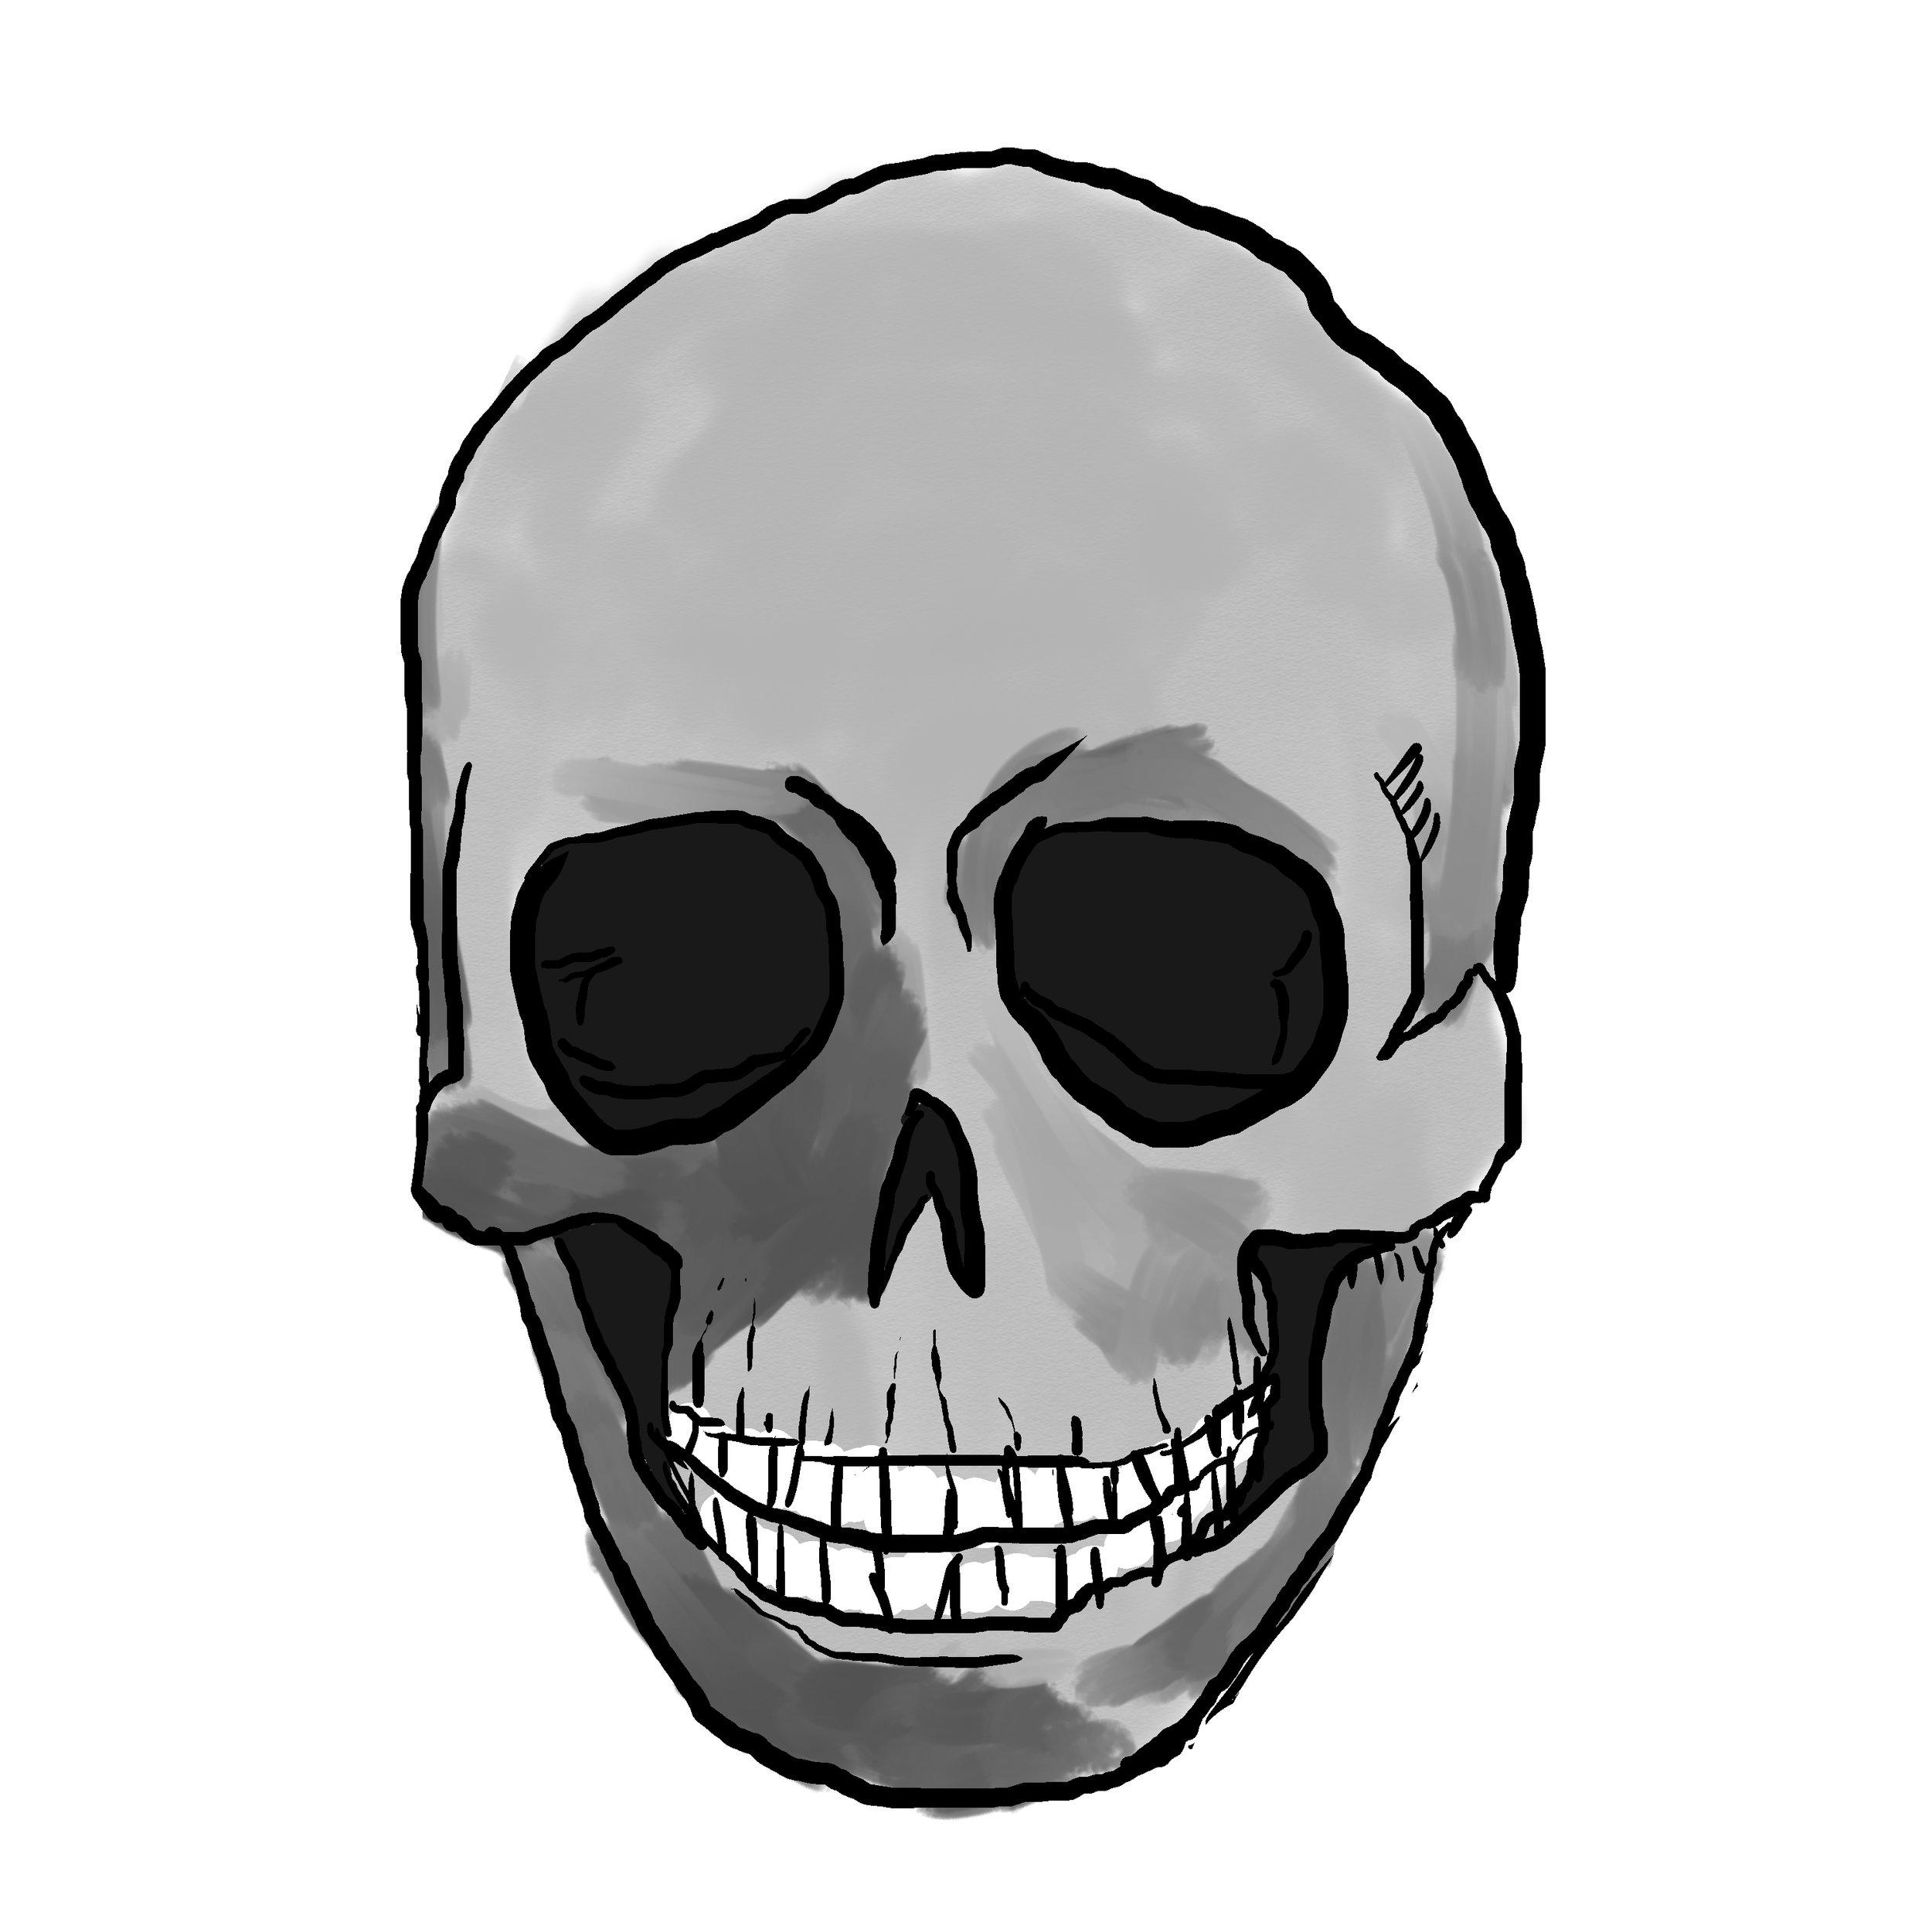 Balsamo, The Living Skull